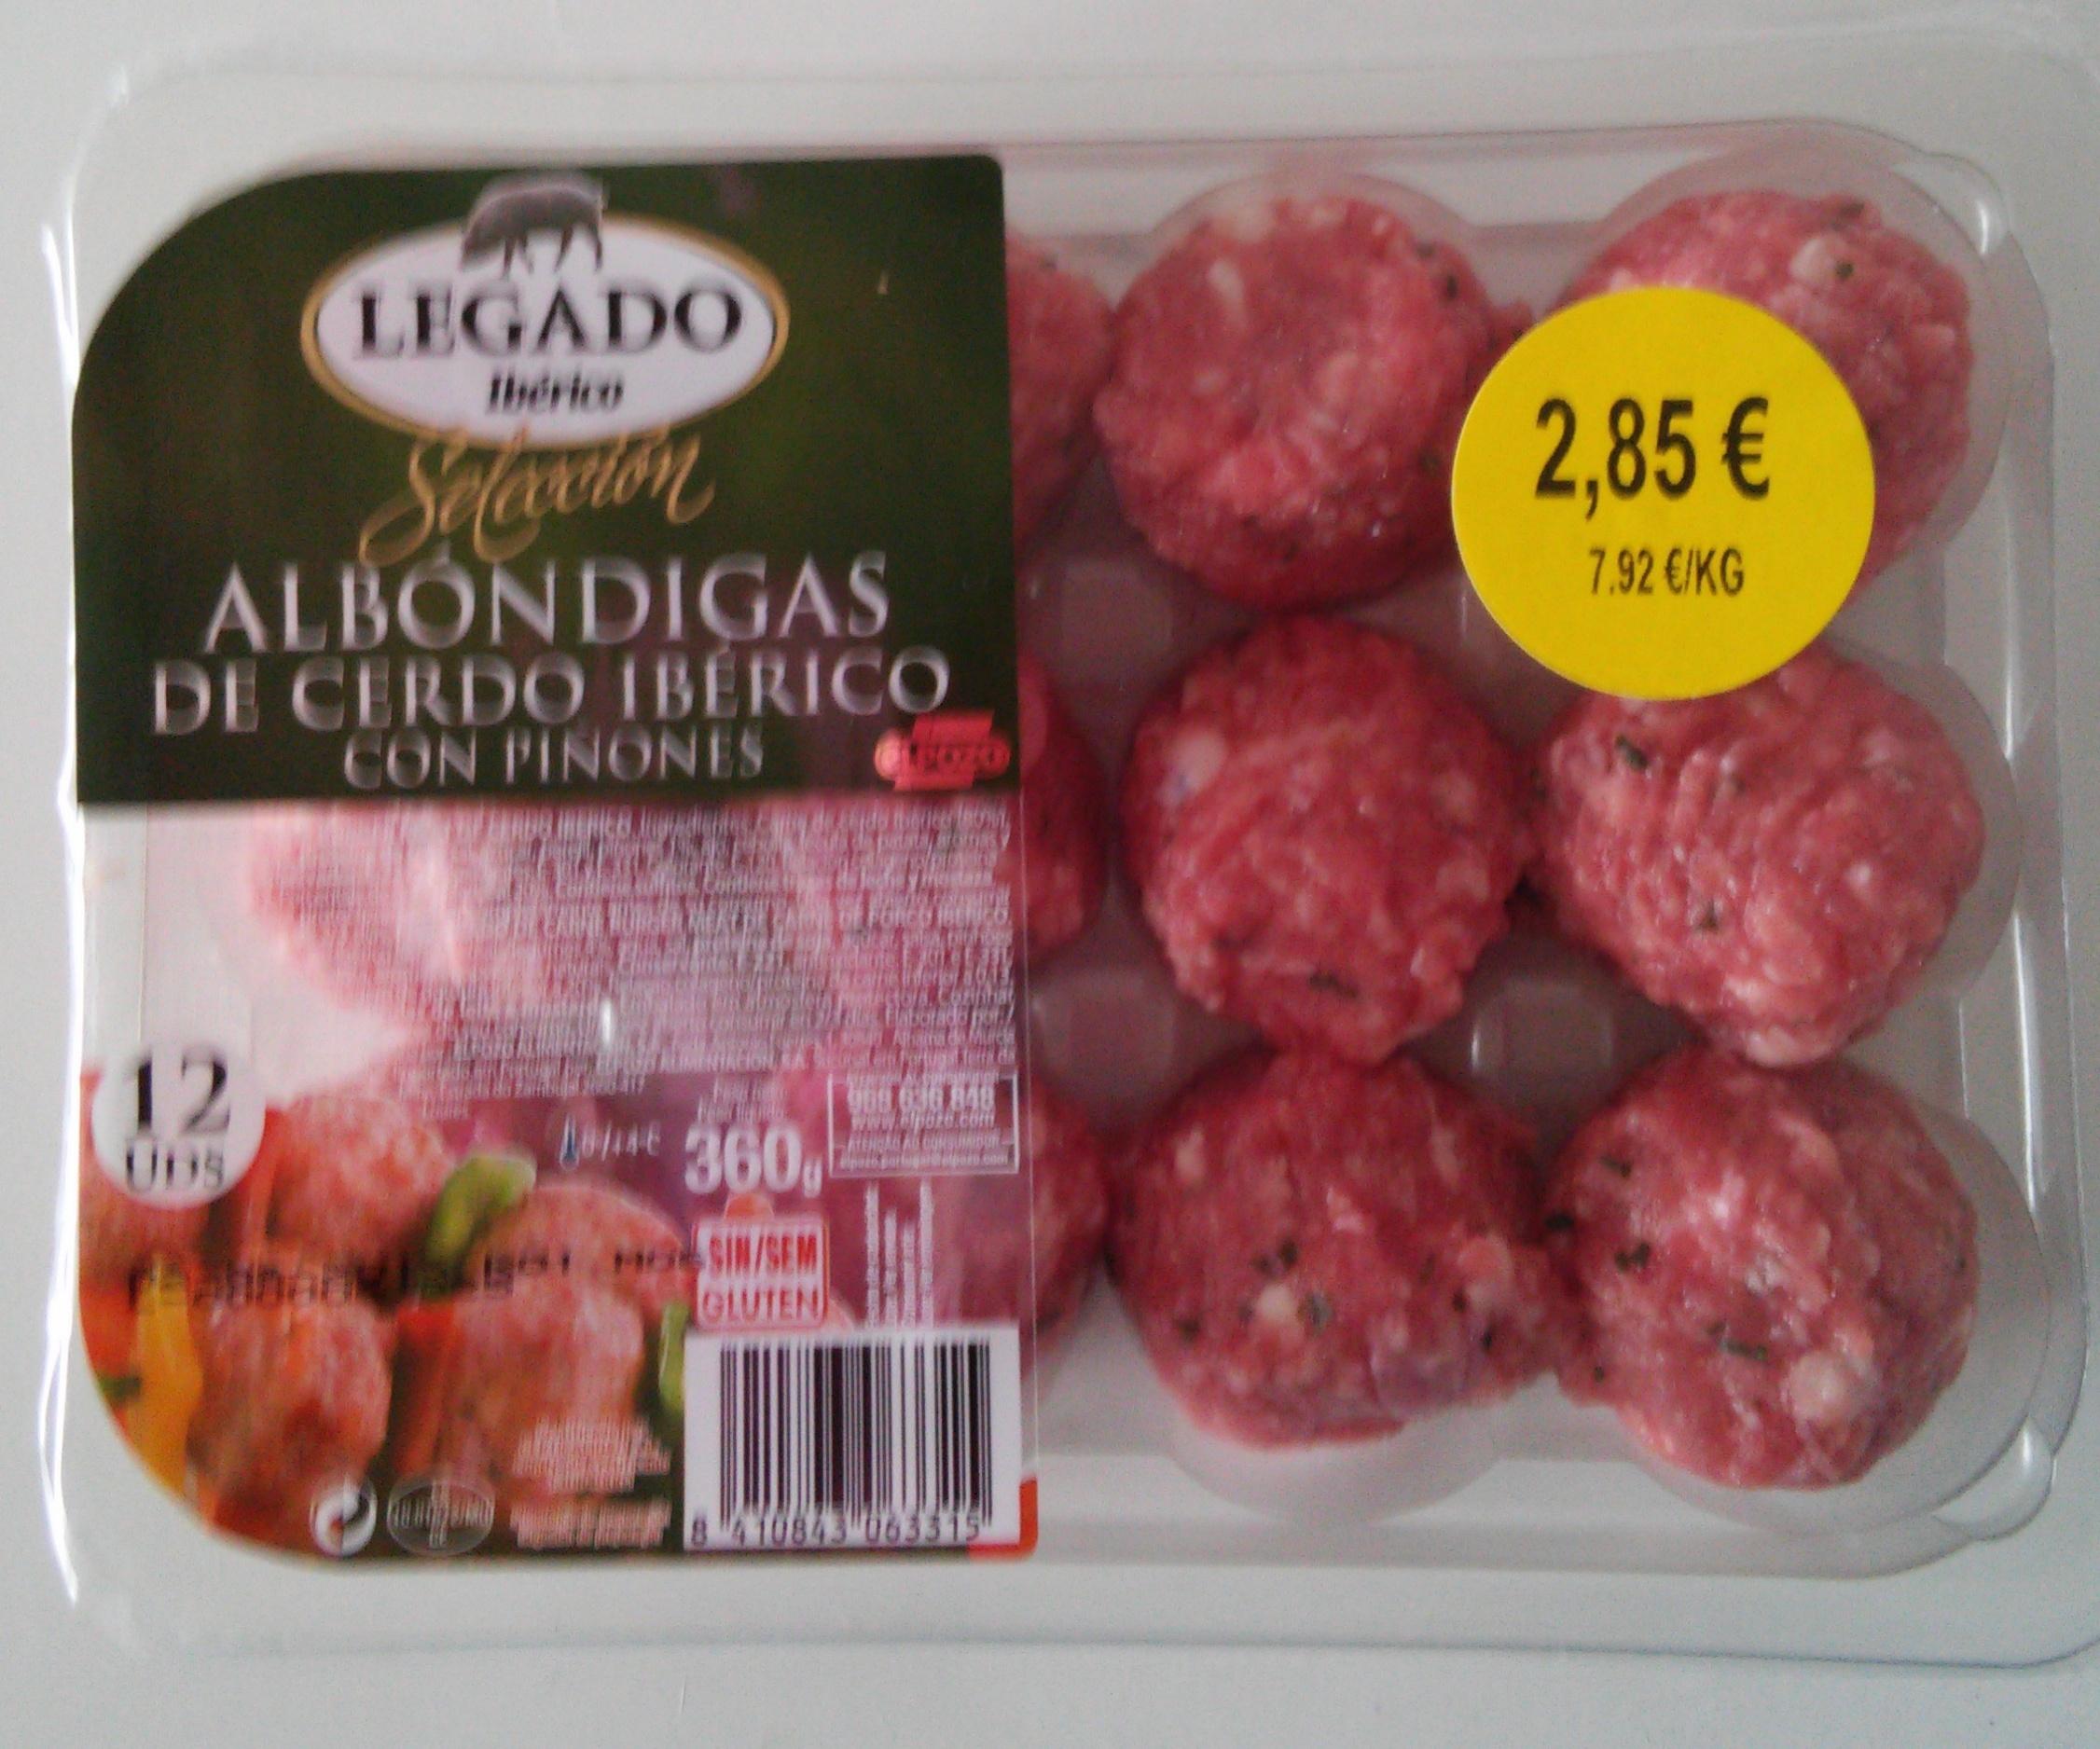 Albóndigas de cerdo ibérico - Product